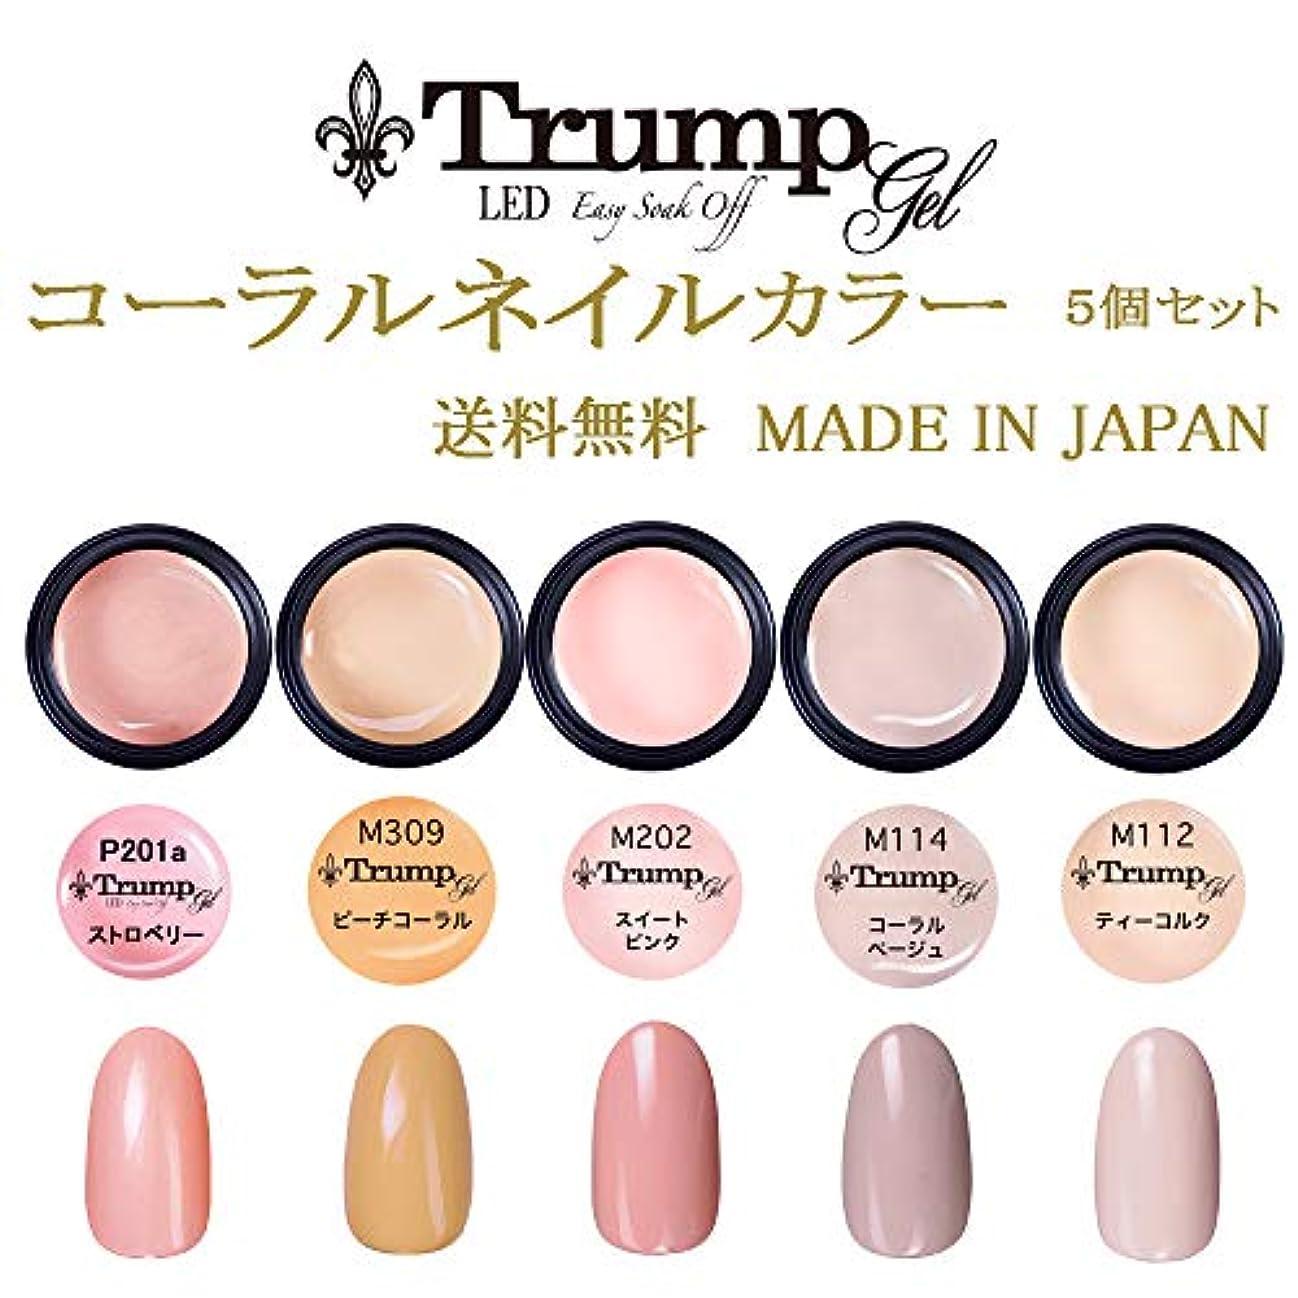 深さ顕現生き残り【送料無料】日本製 Trump gel トランプジェル コーラルネイル カラージェル 5個セット 明るくて可愛い コーラルネイルカラージェルセット